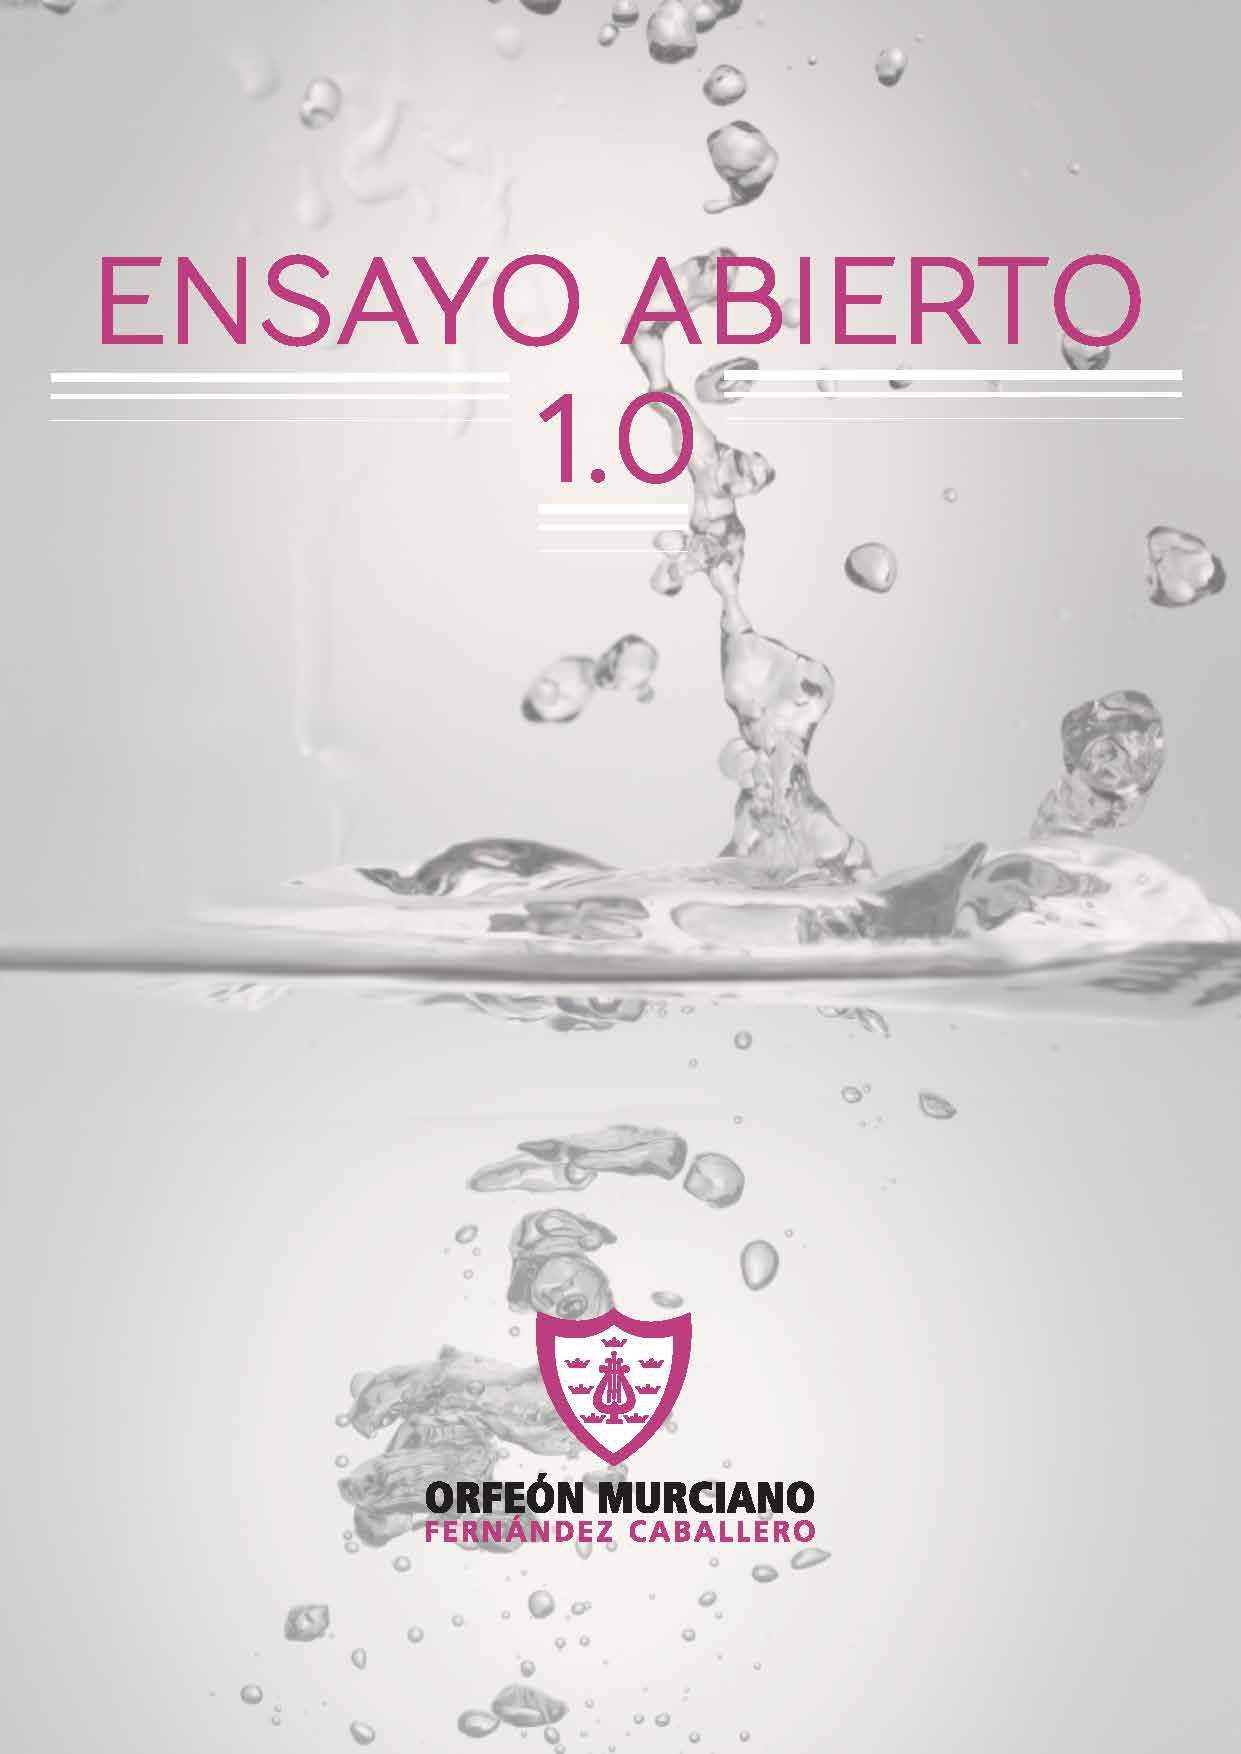 ENSAYO ABIERTO 1.0